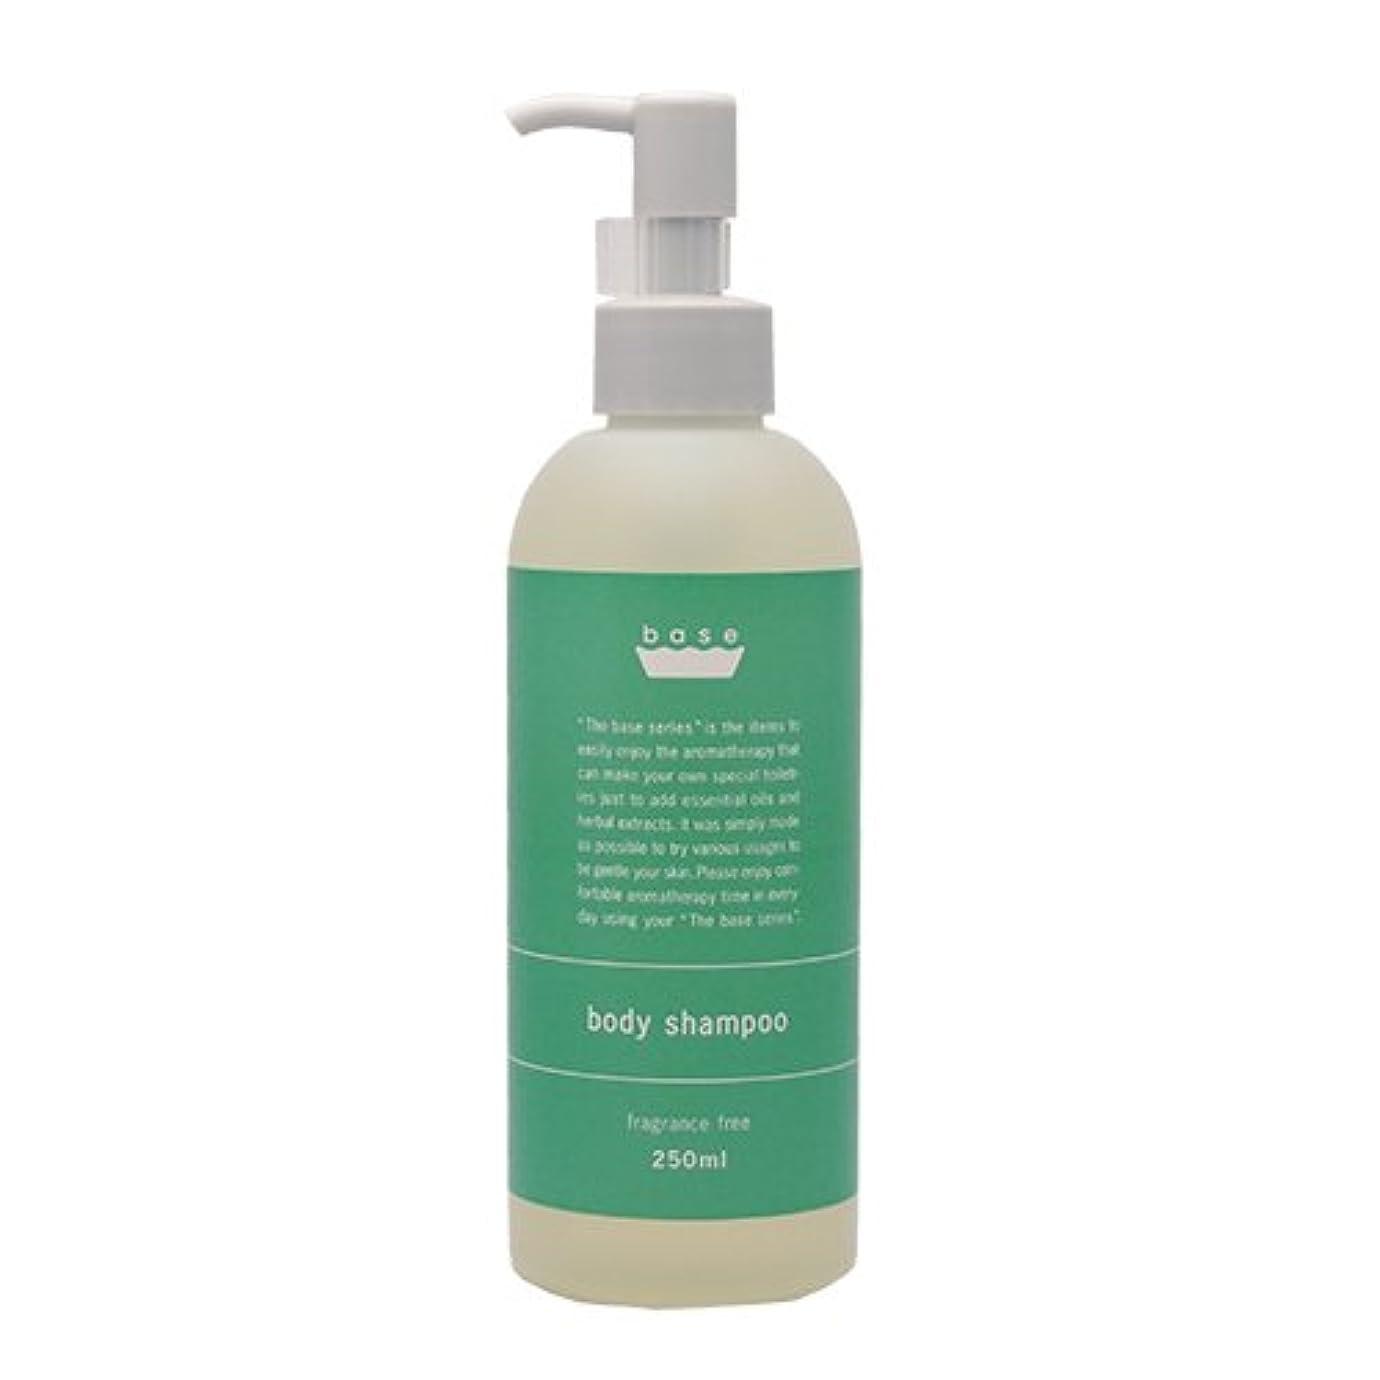 姪仕事重くするフレーバーライフ(Flavor Life) フレーバーライフ base body shampoo(ボディーシャンプー)250ml ボディソープ